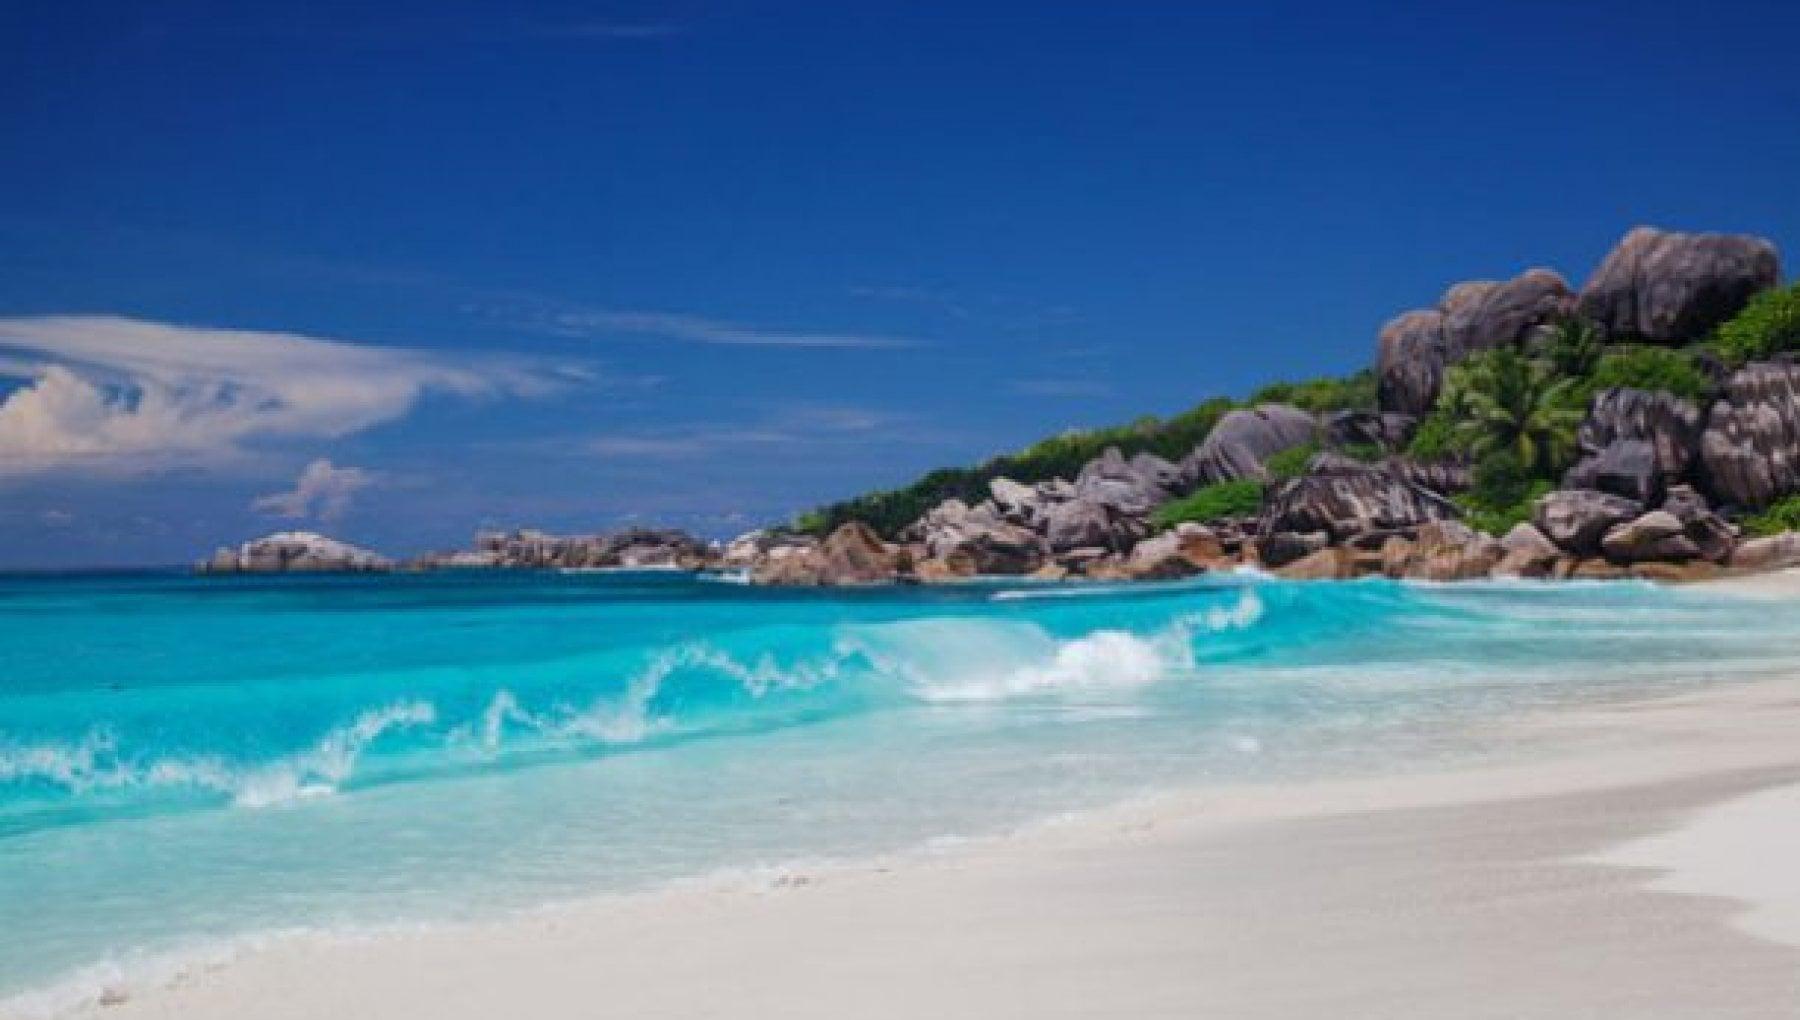 Seychelles un inglese da la caccia al tesoro dei pirati piu grande di sempre